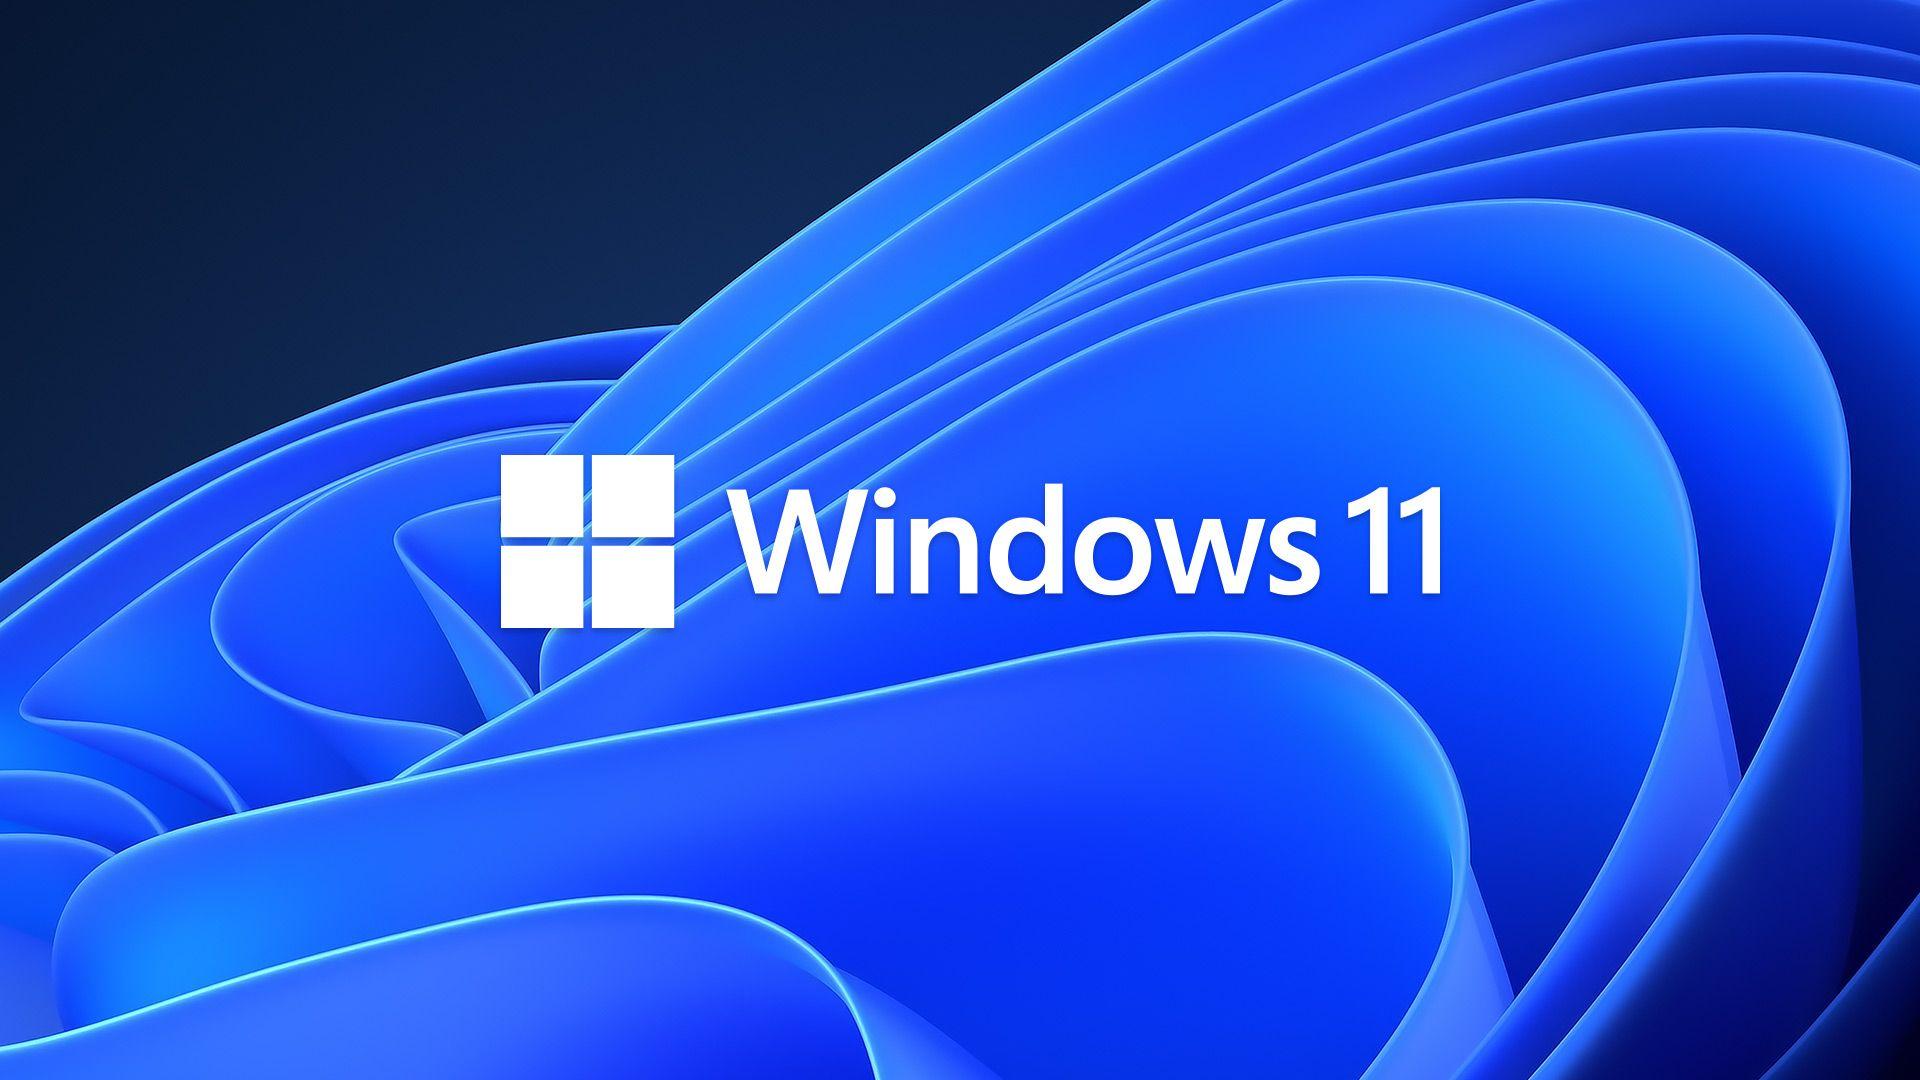 Qué app usan micrófono, cámara y ubicación en Windows 11